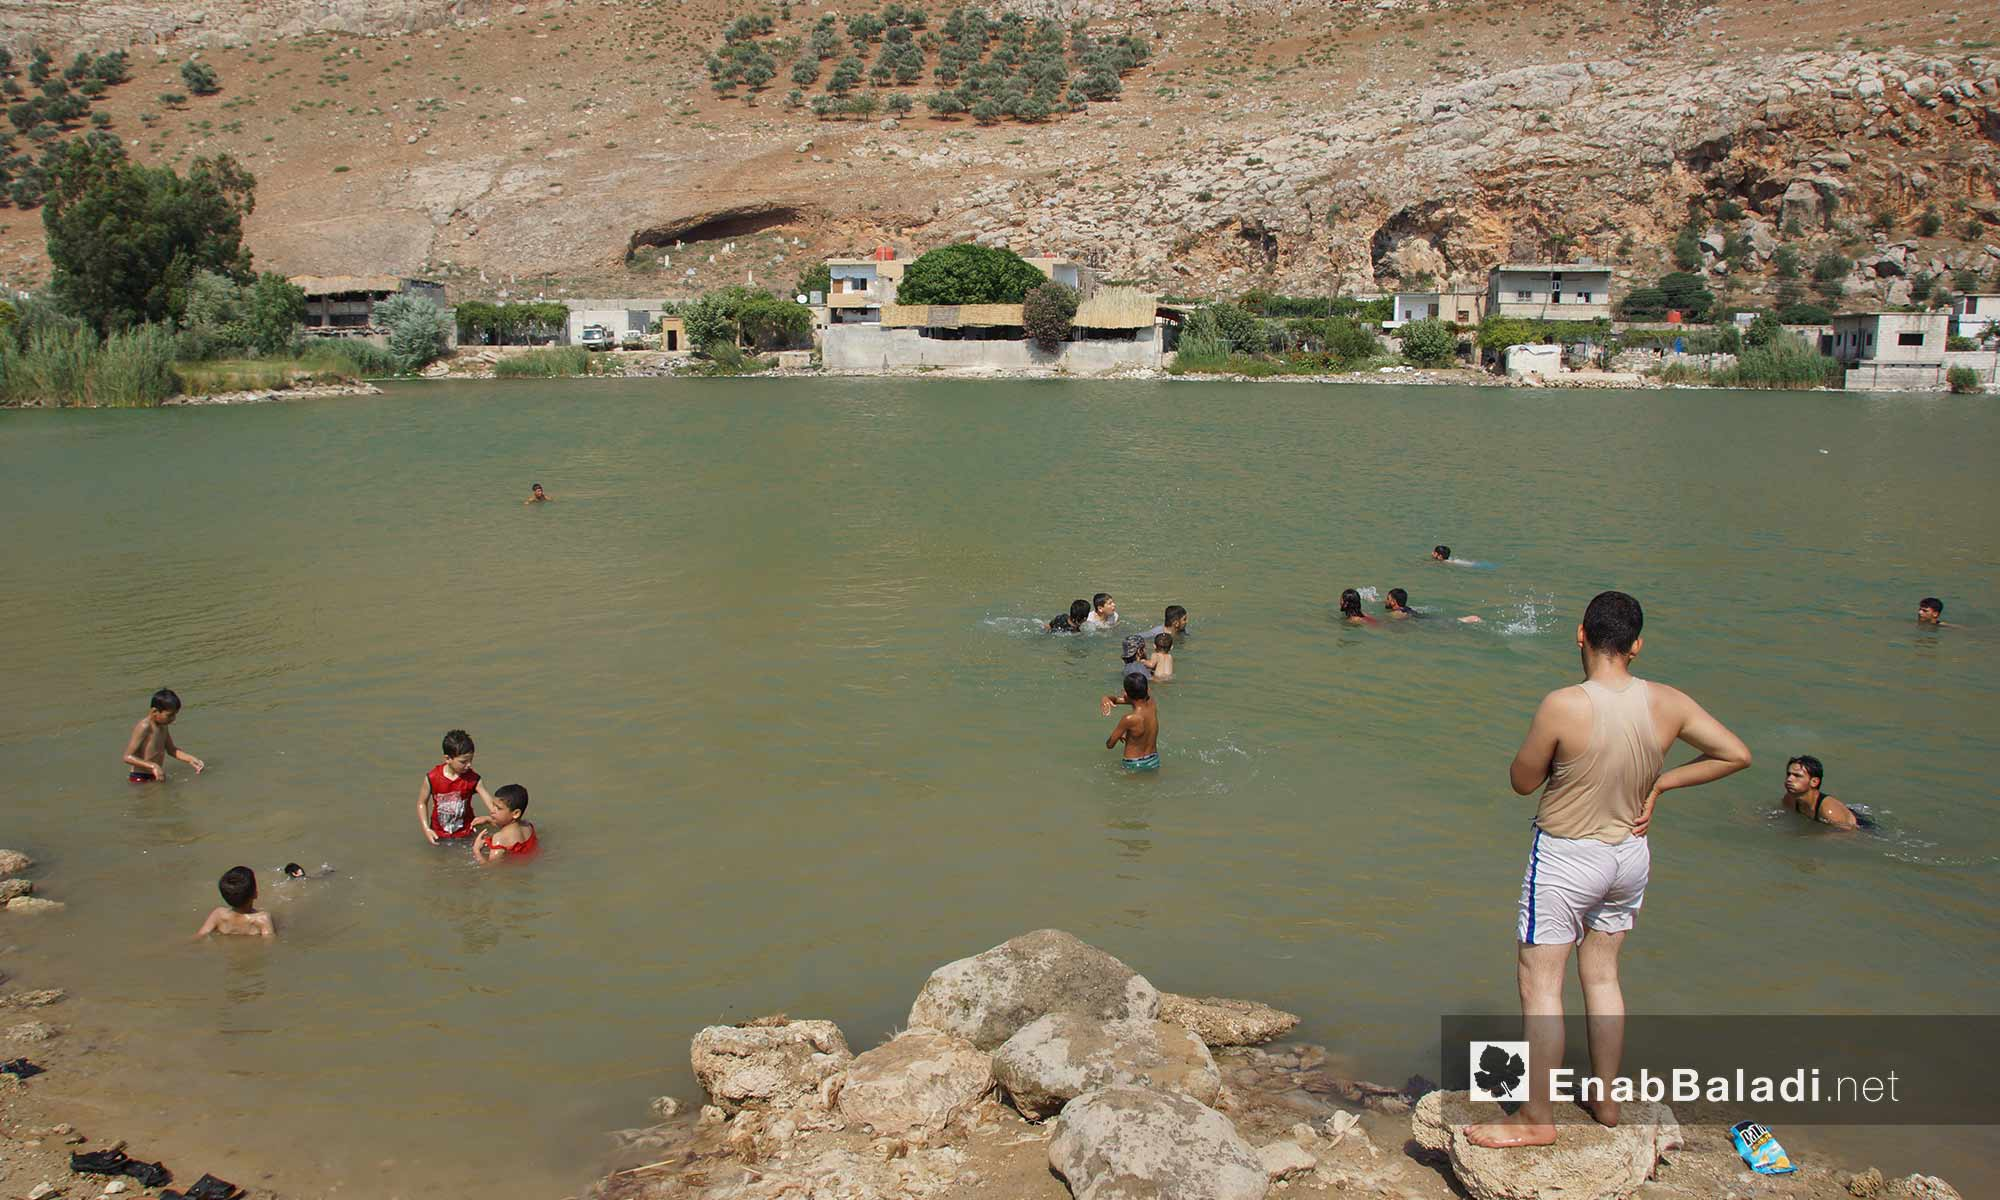 """أطفال وعائلات يسبحون في بحيرة نبع قرية """"باب الطاقة""""  غربي حماة - 13 تموز 2018 (عنب بلدي)"""